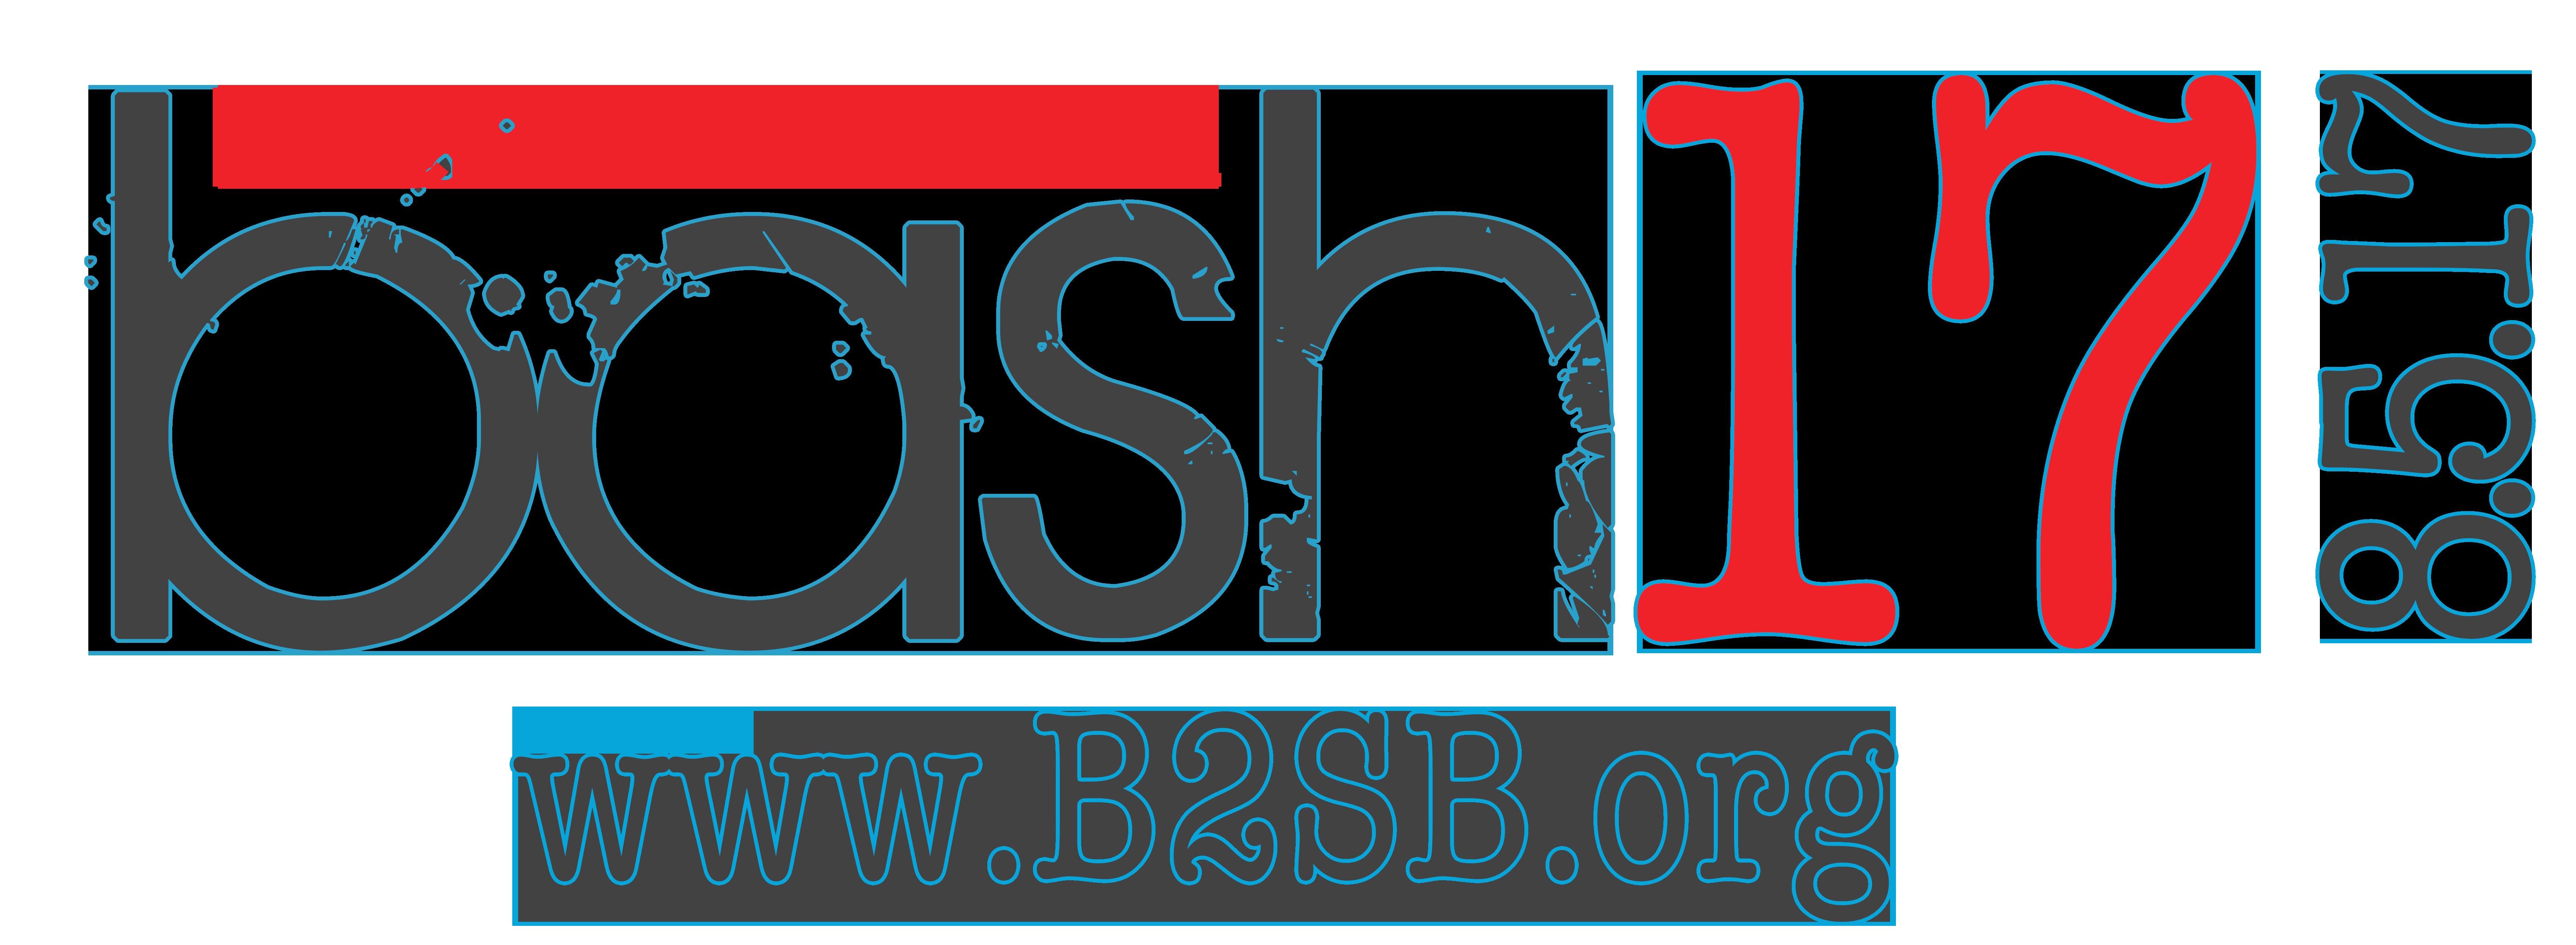 BASH 17 - 8.5.17